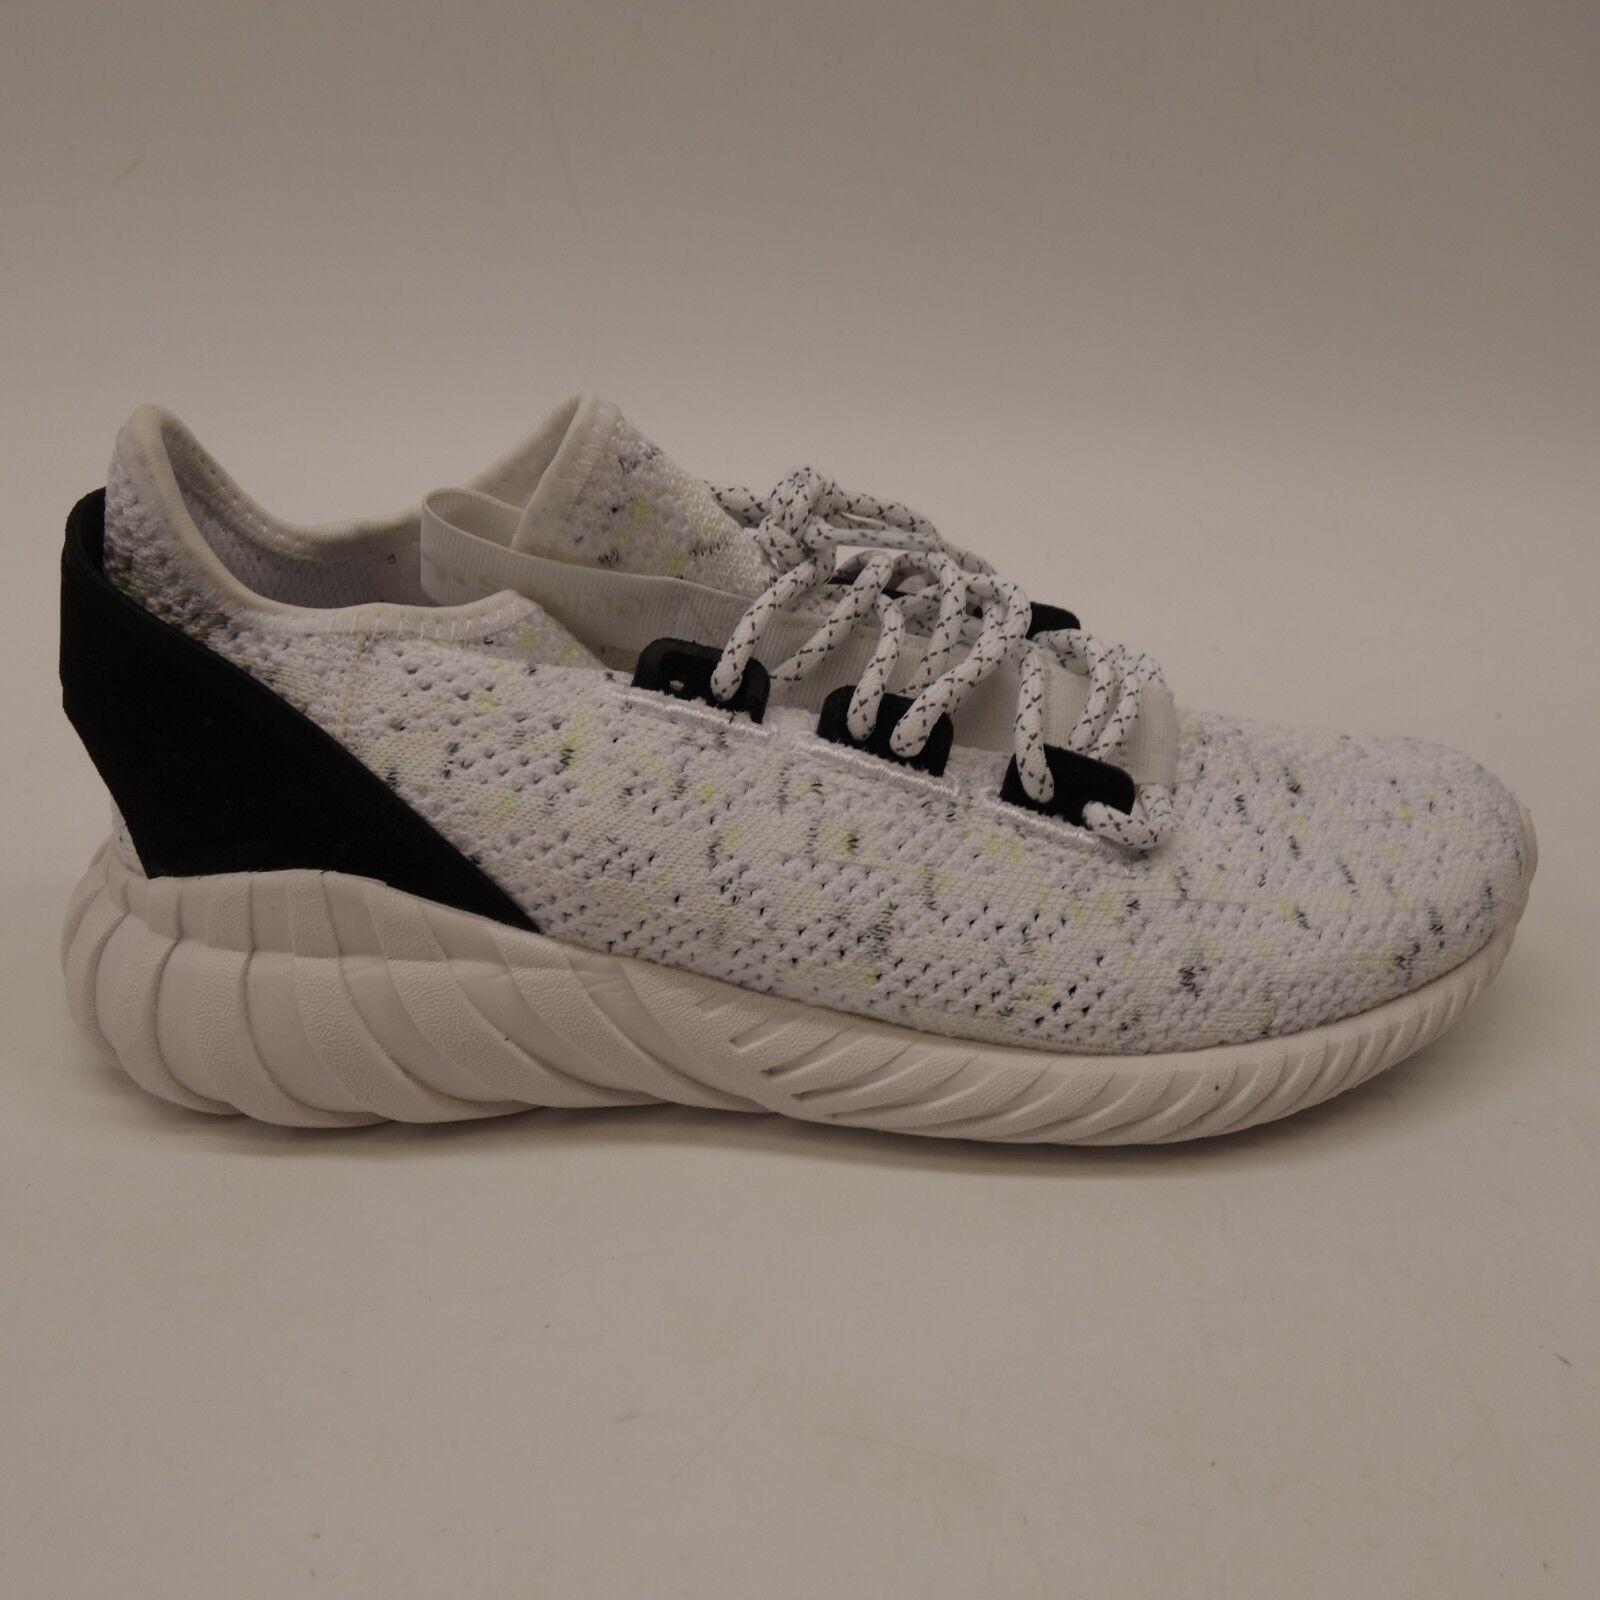 Nuove adidas mens by3558 doom calzino bianco primeknit tubolari scarpe da ginnastica taglia 7,5 | A Basso Costo  | Scolaro/Ragazze Scarpa